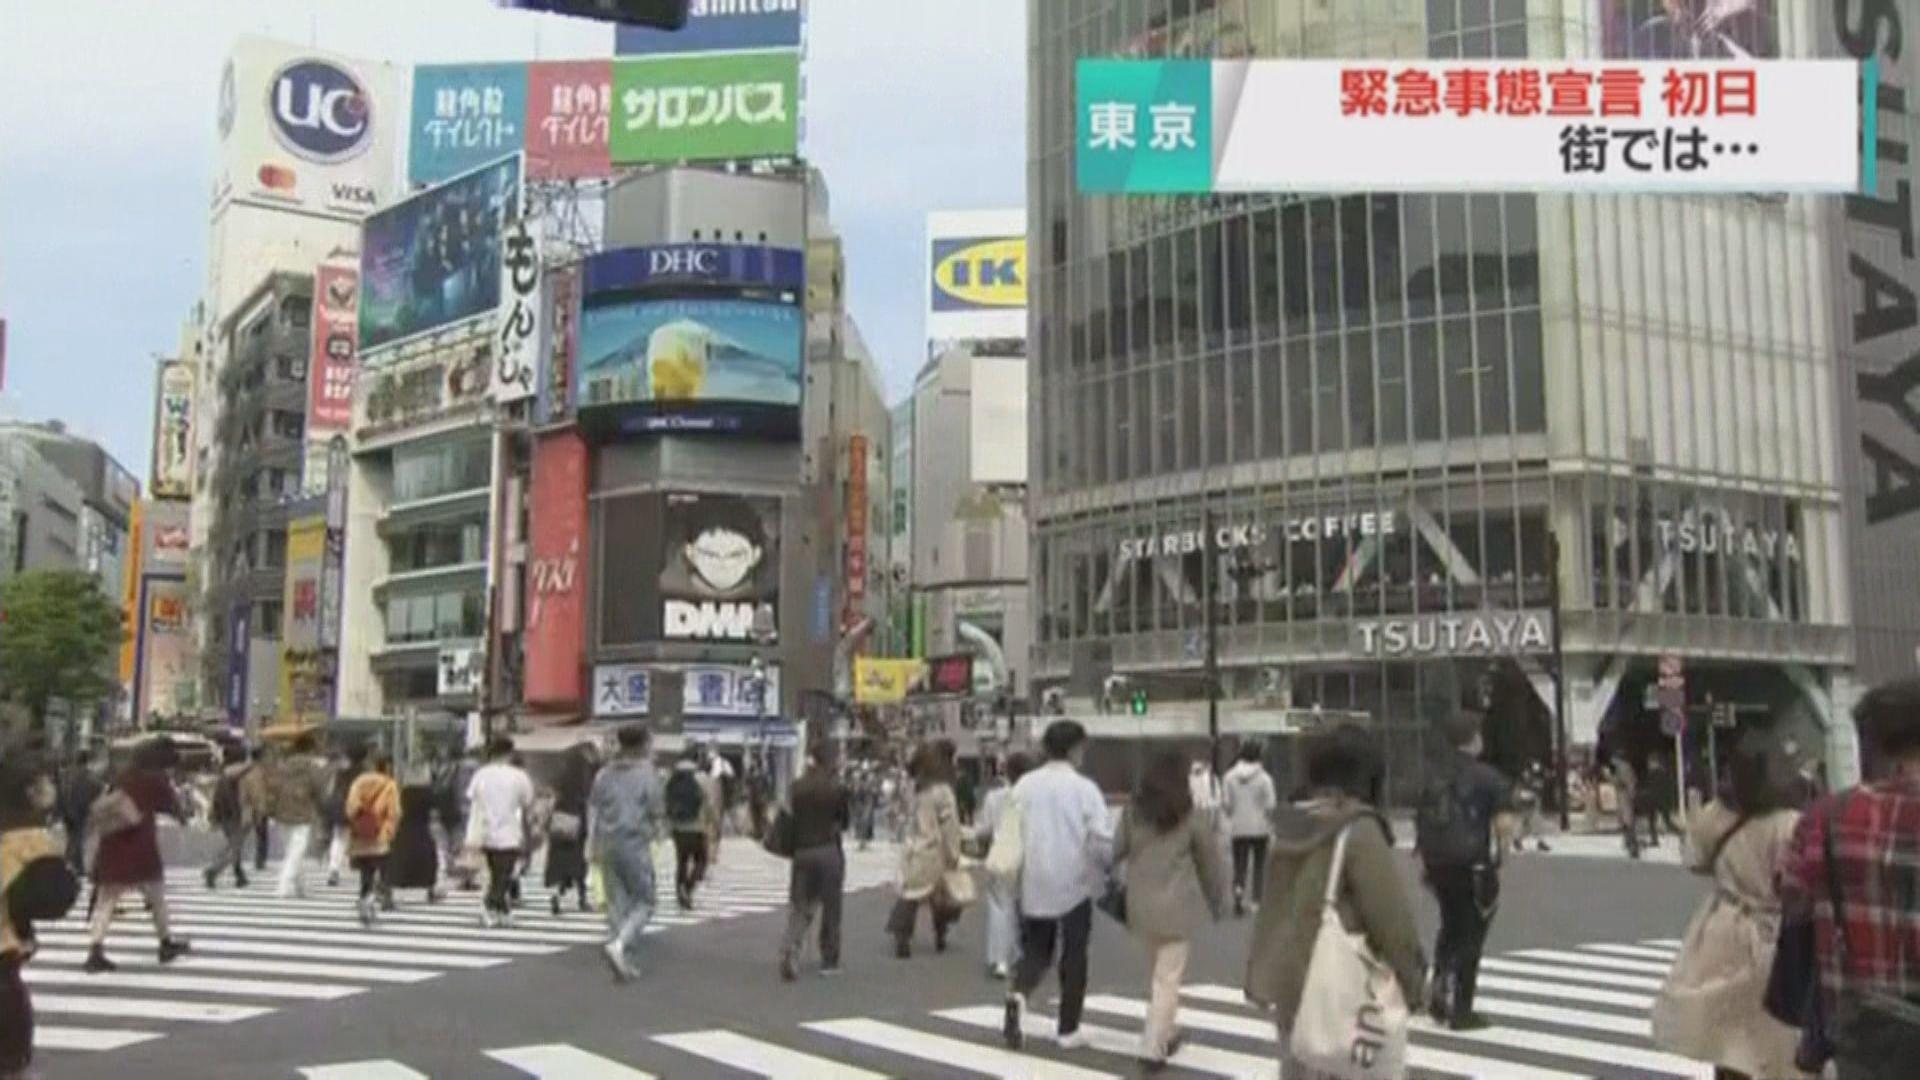 日本四都府縣緊急事態宣言生效 政府籲避免不必要出行